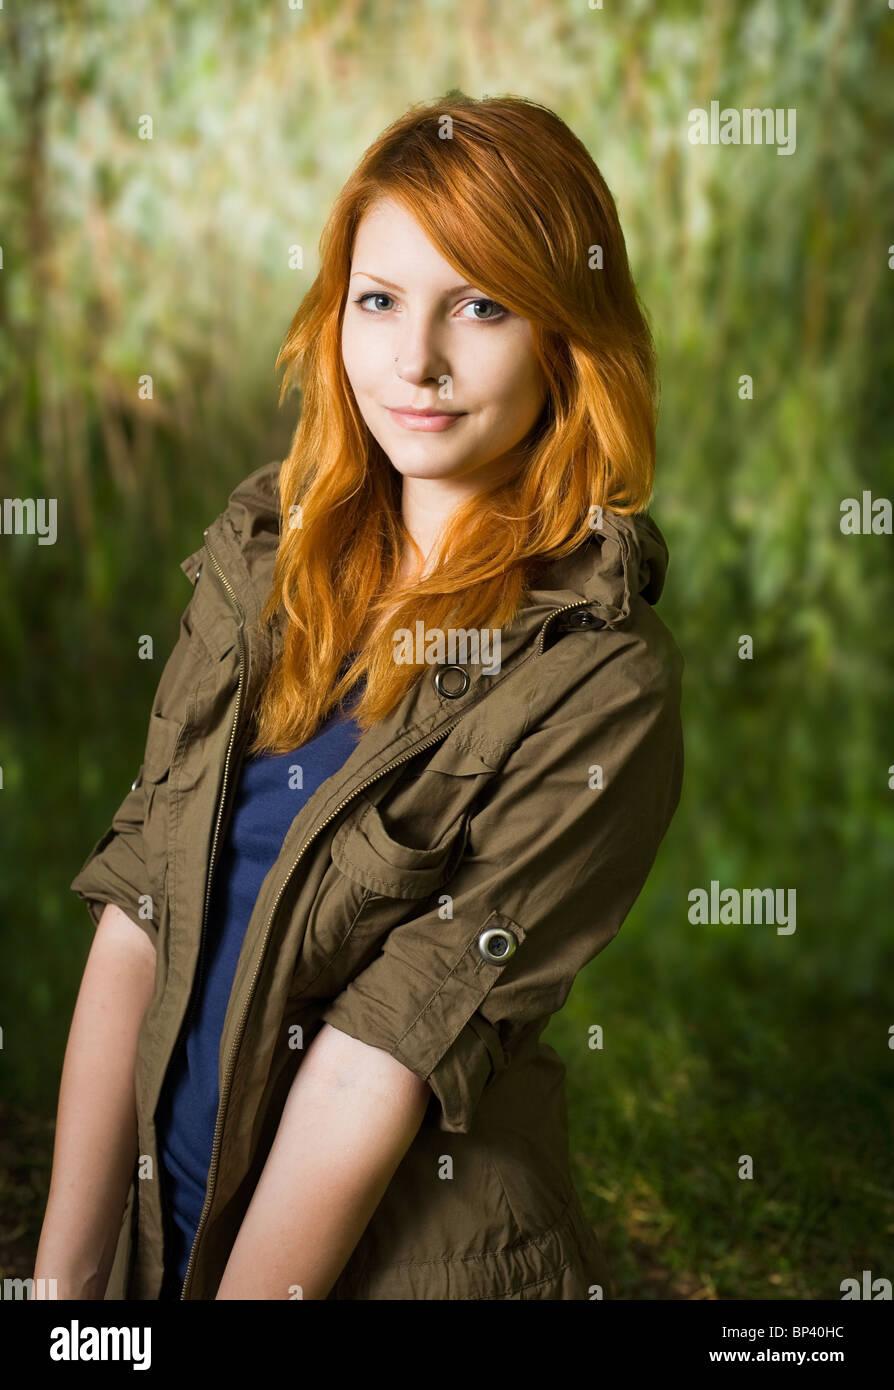 Schöne rothaarige Teen posiert für die Kamera mit einem